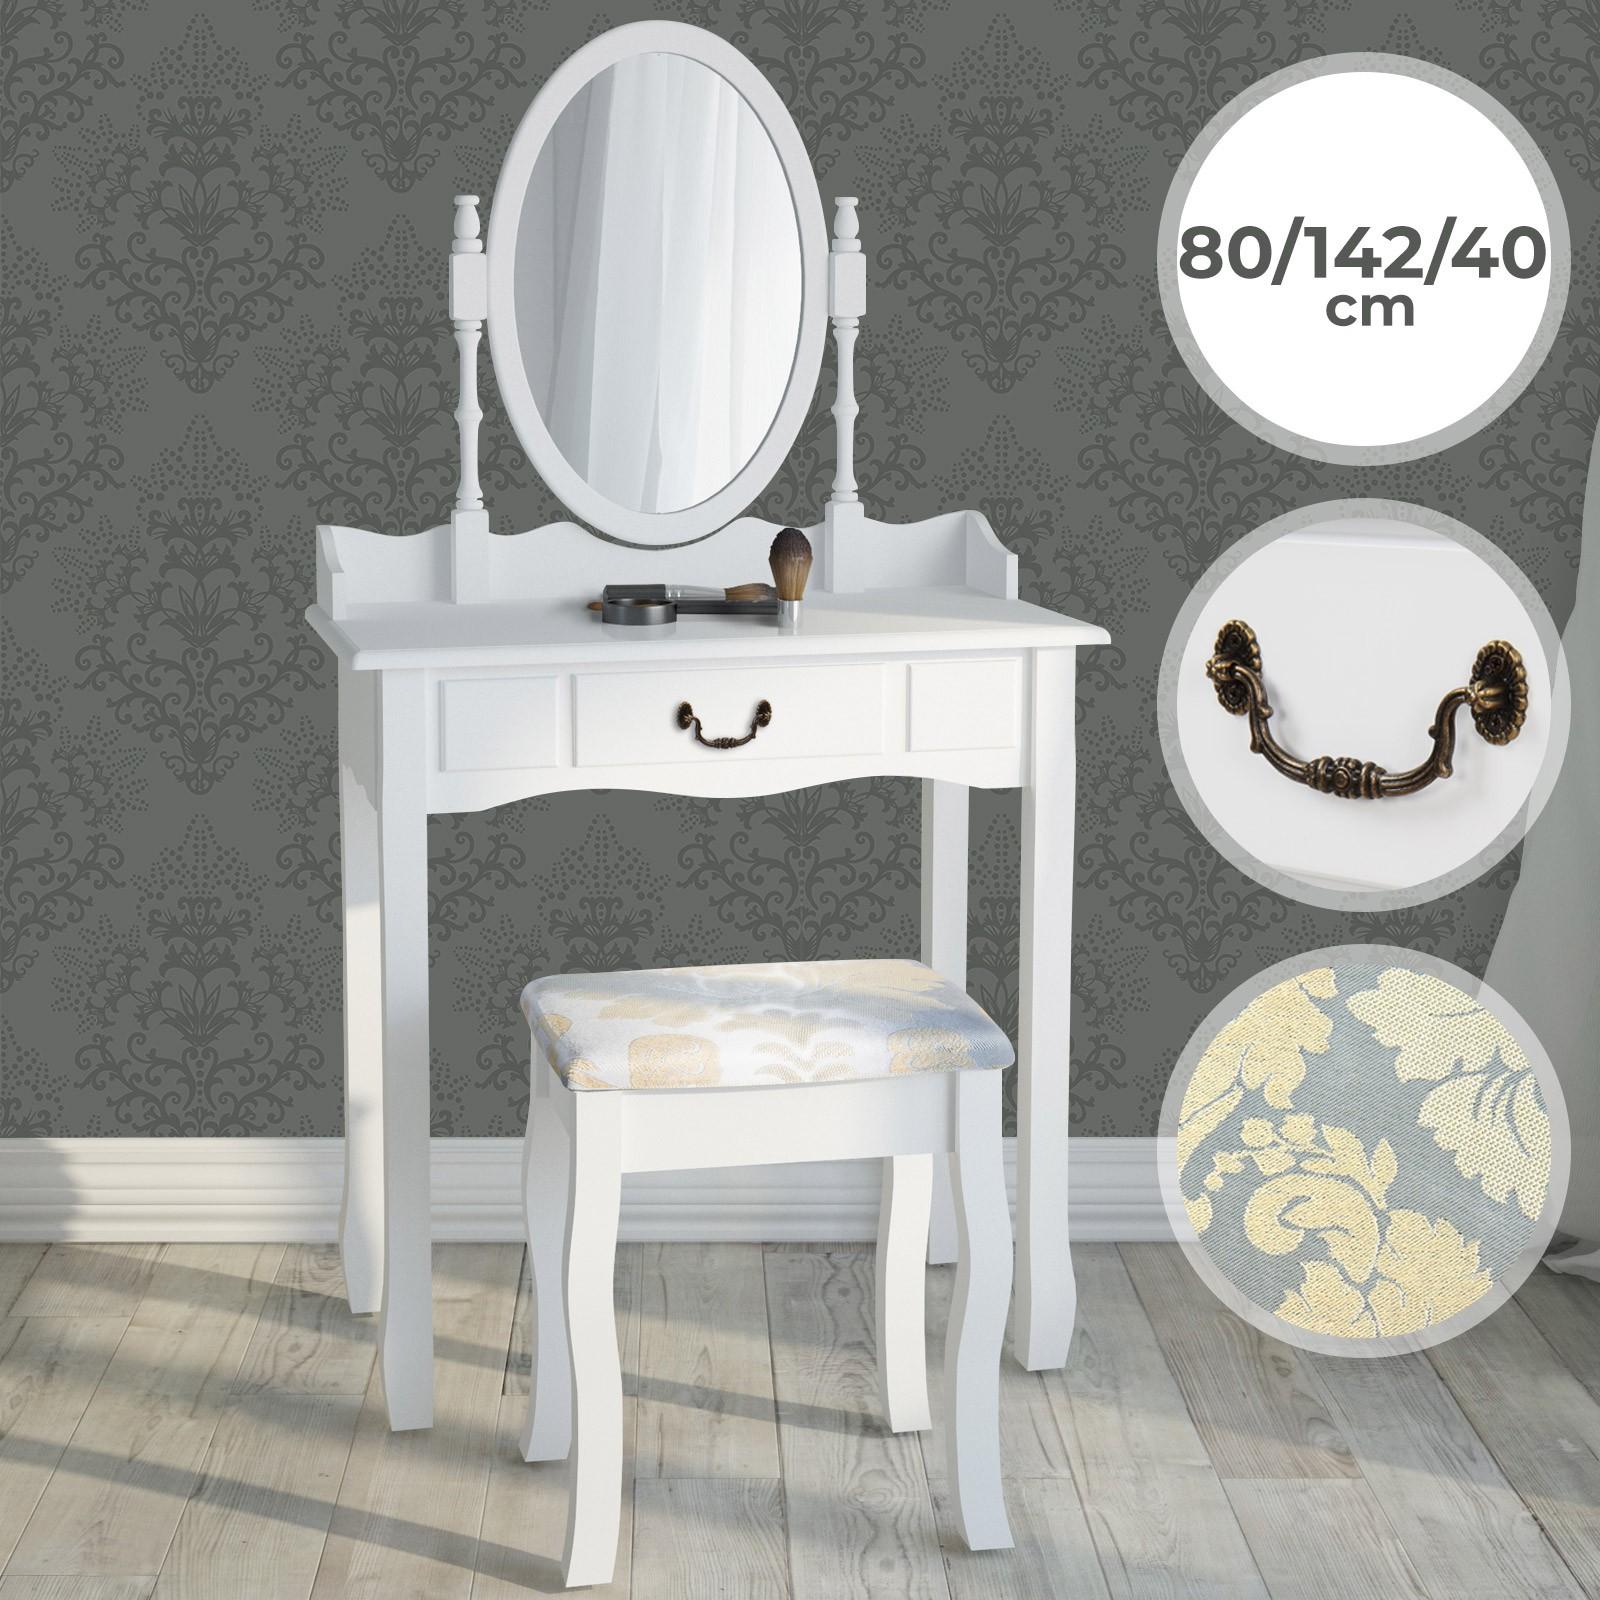 Schminktisch Kosmetiktisch Frisiertisch Frisierkommode weiß Make-up Tisch Holz